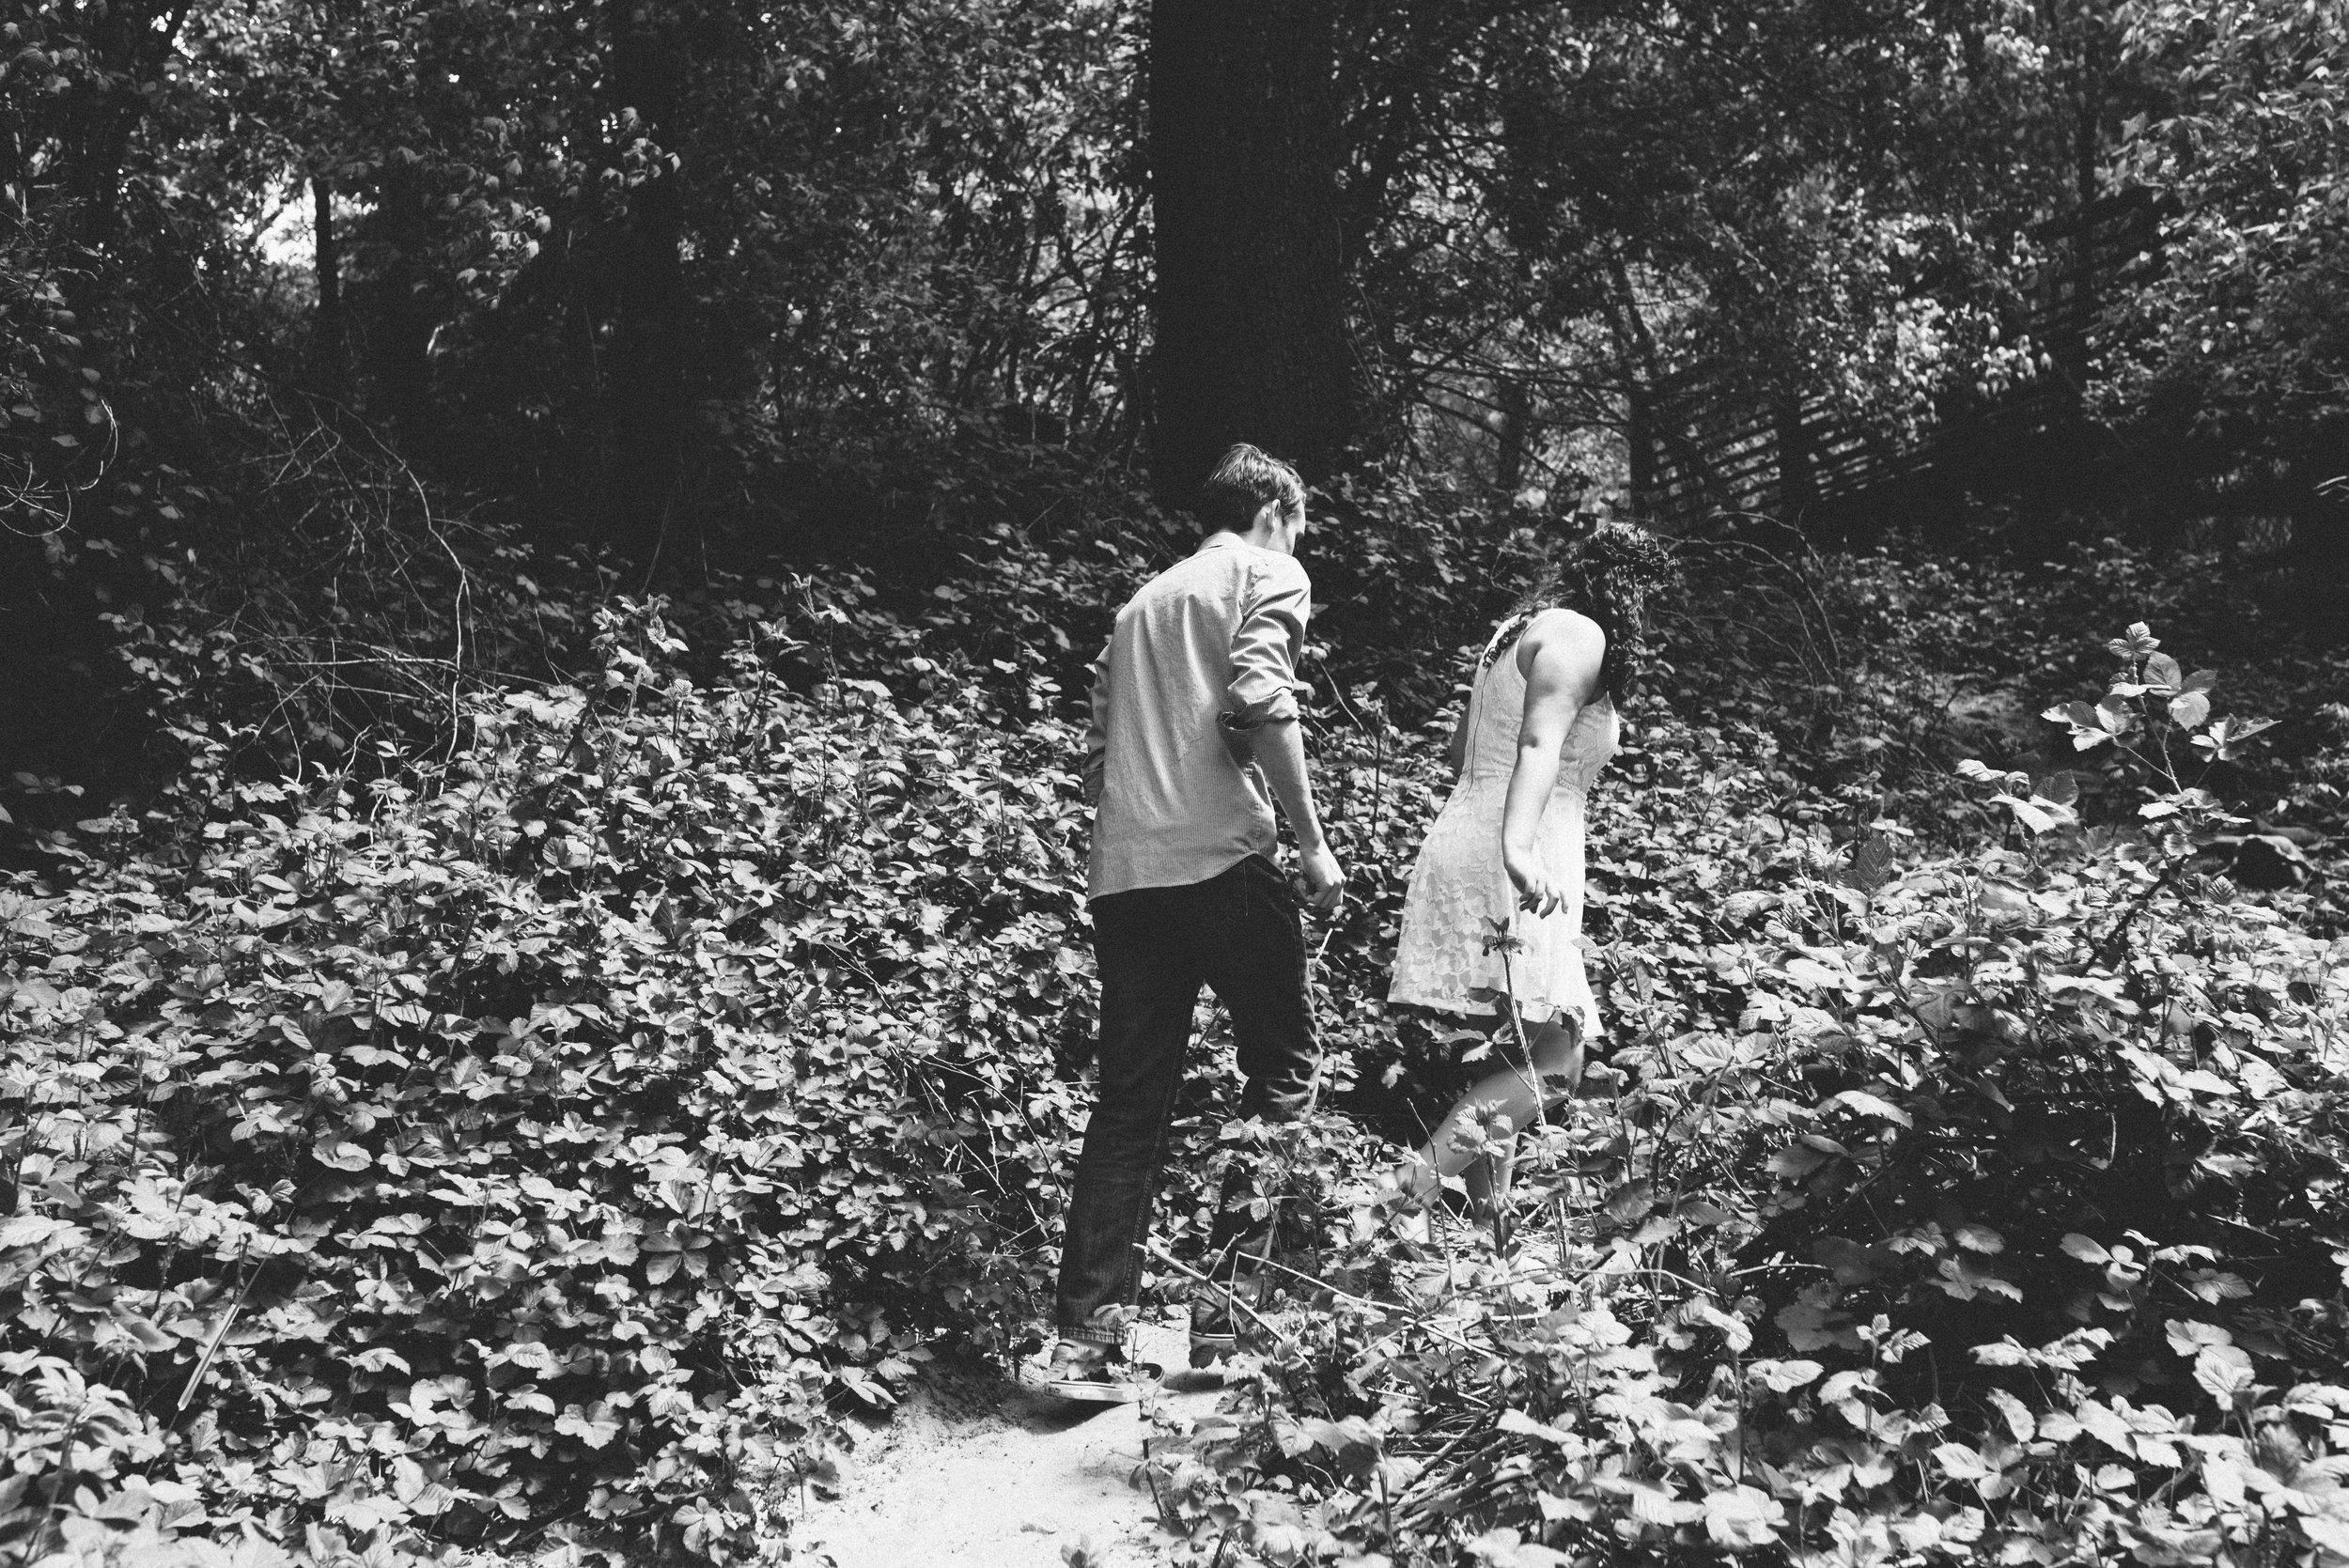 Brie+TaylorEngagement_AlyssaRyanPhoto-18.jpg